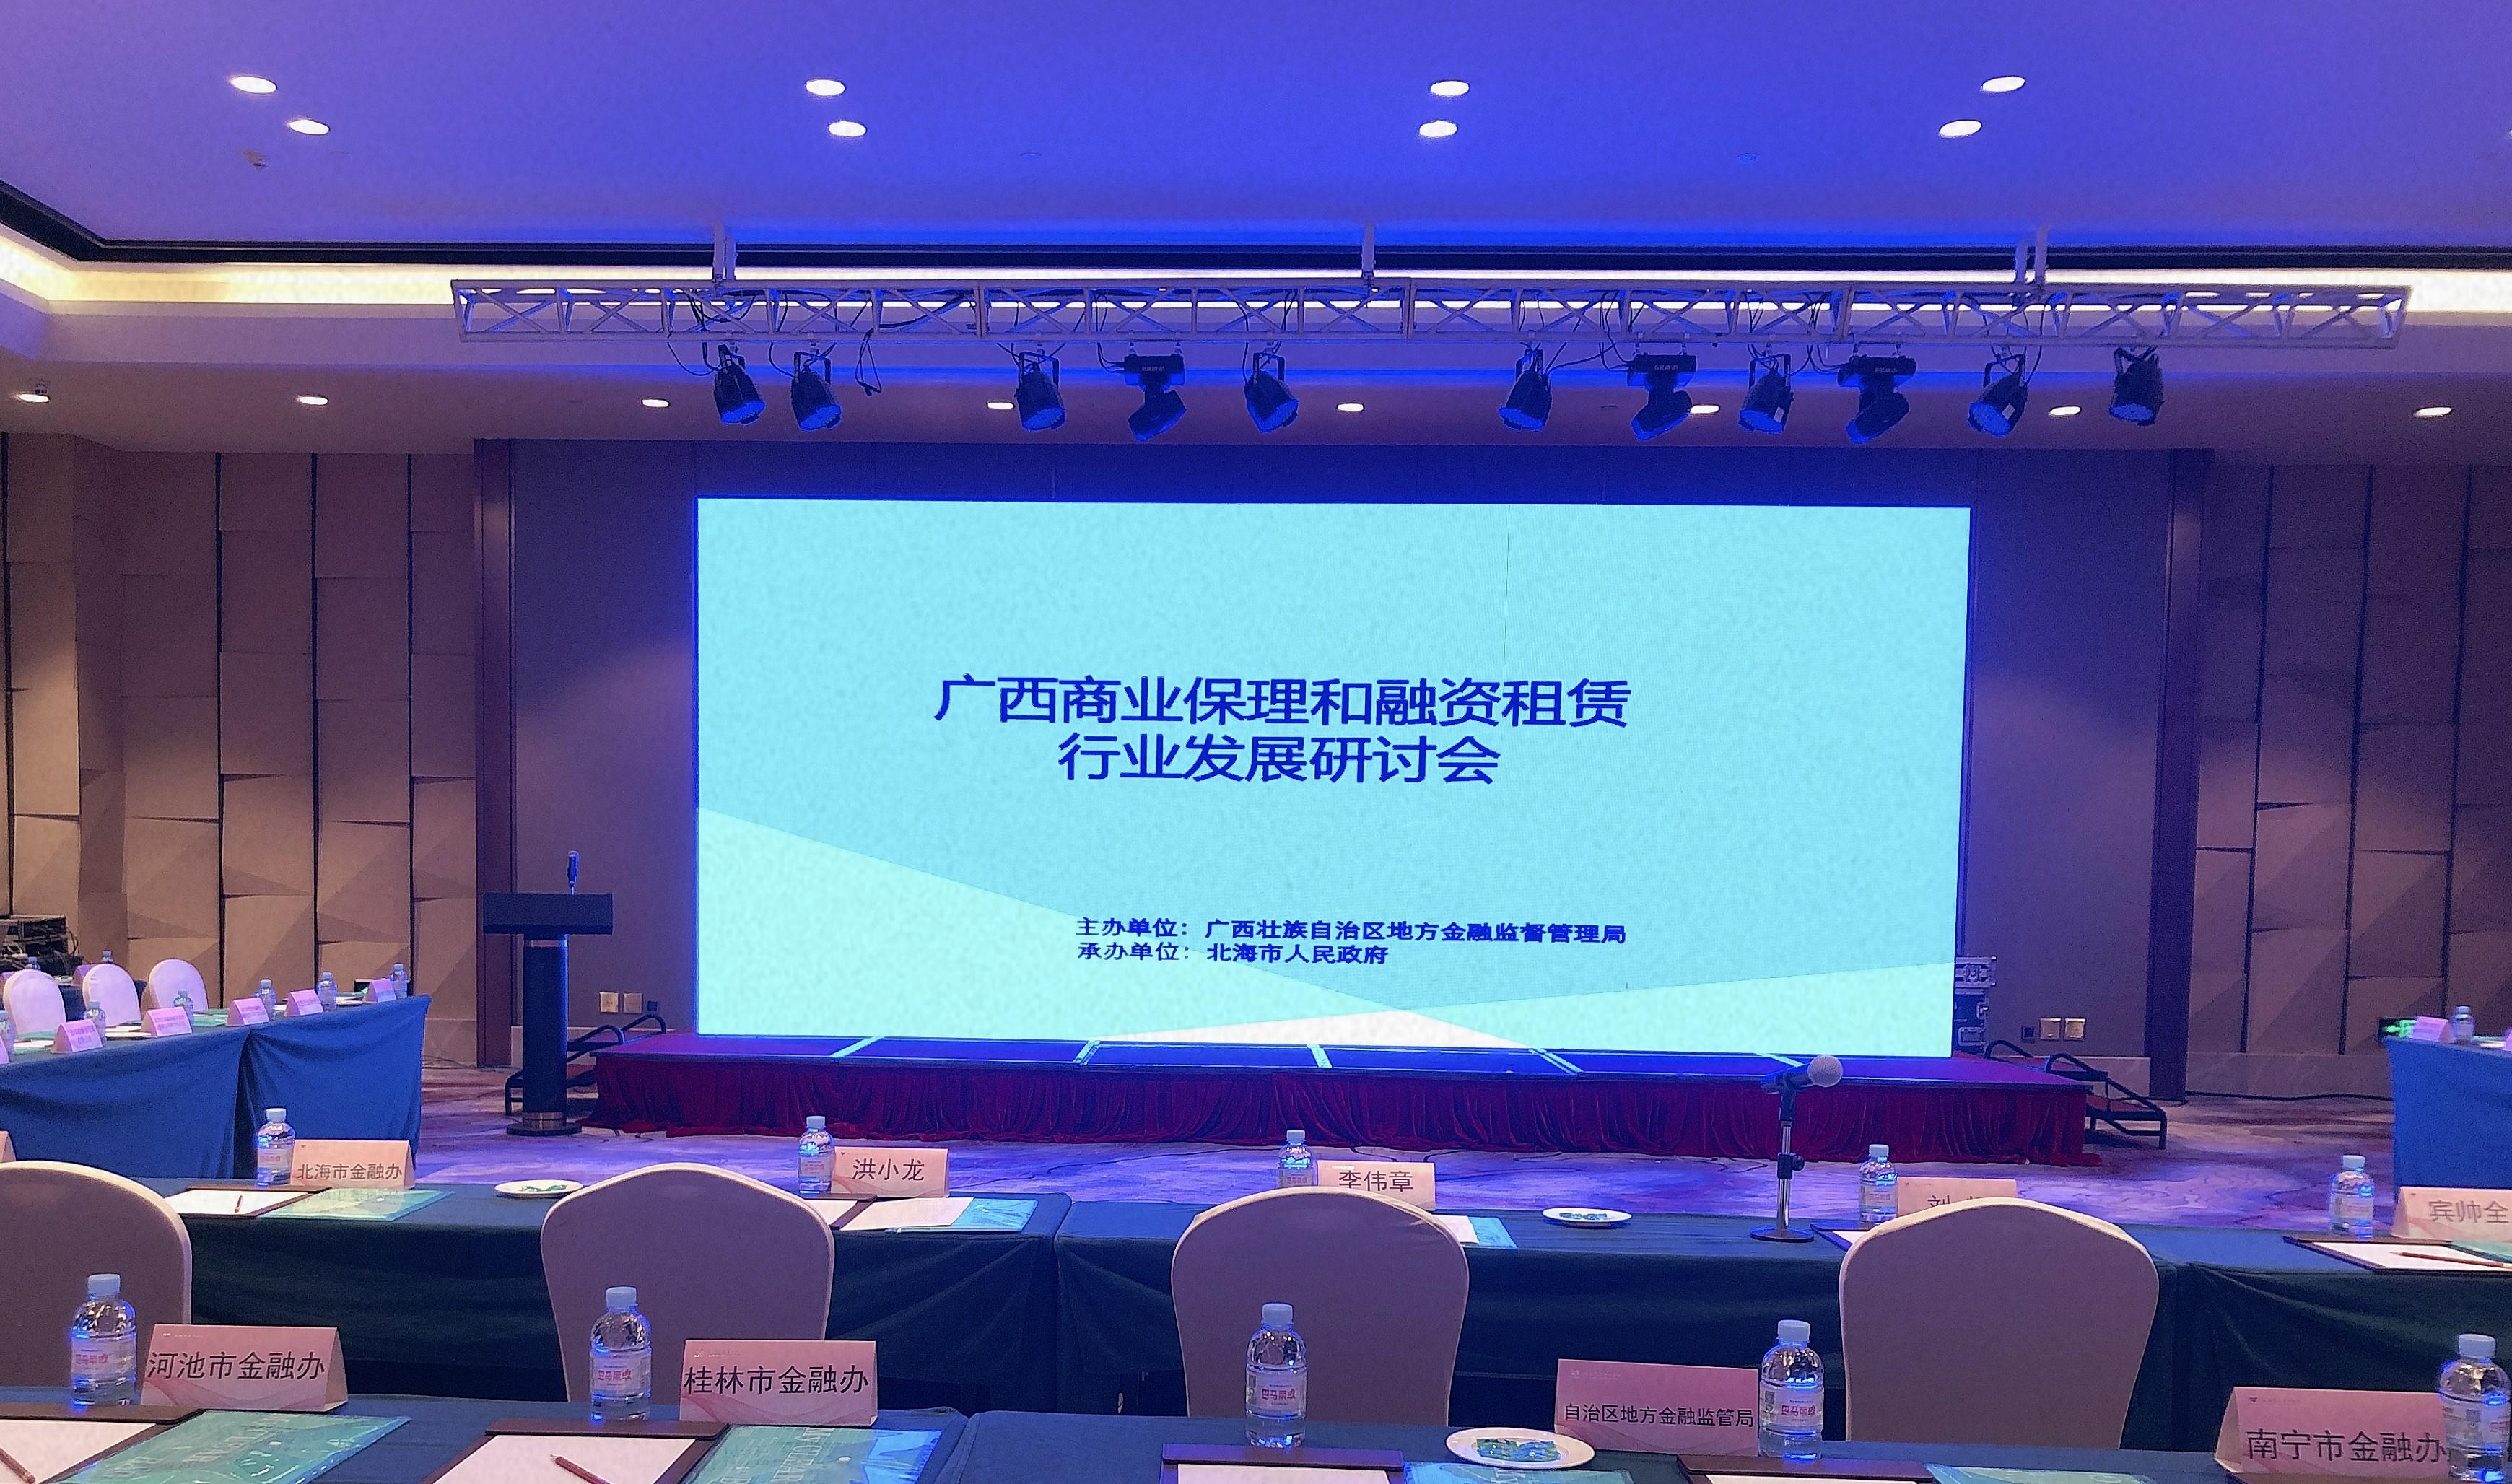 广西商业保理和融资租赁行业发展研讨会圆满举行